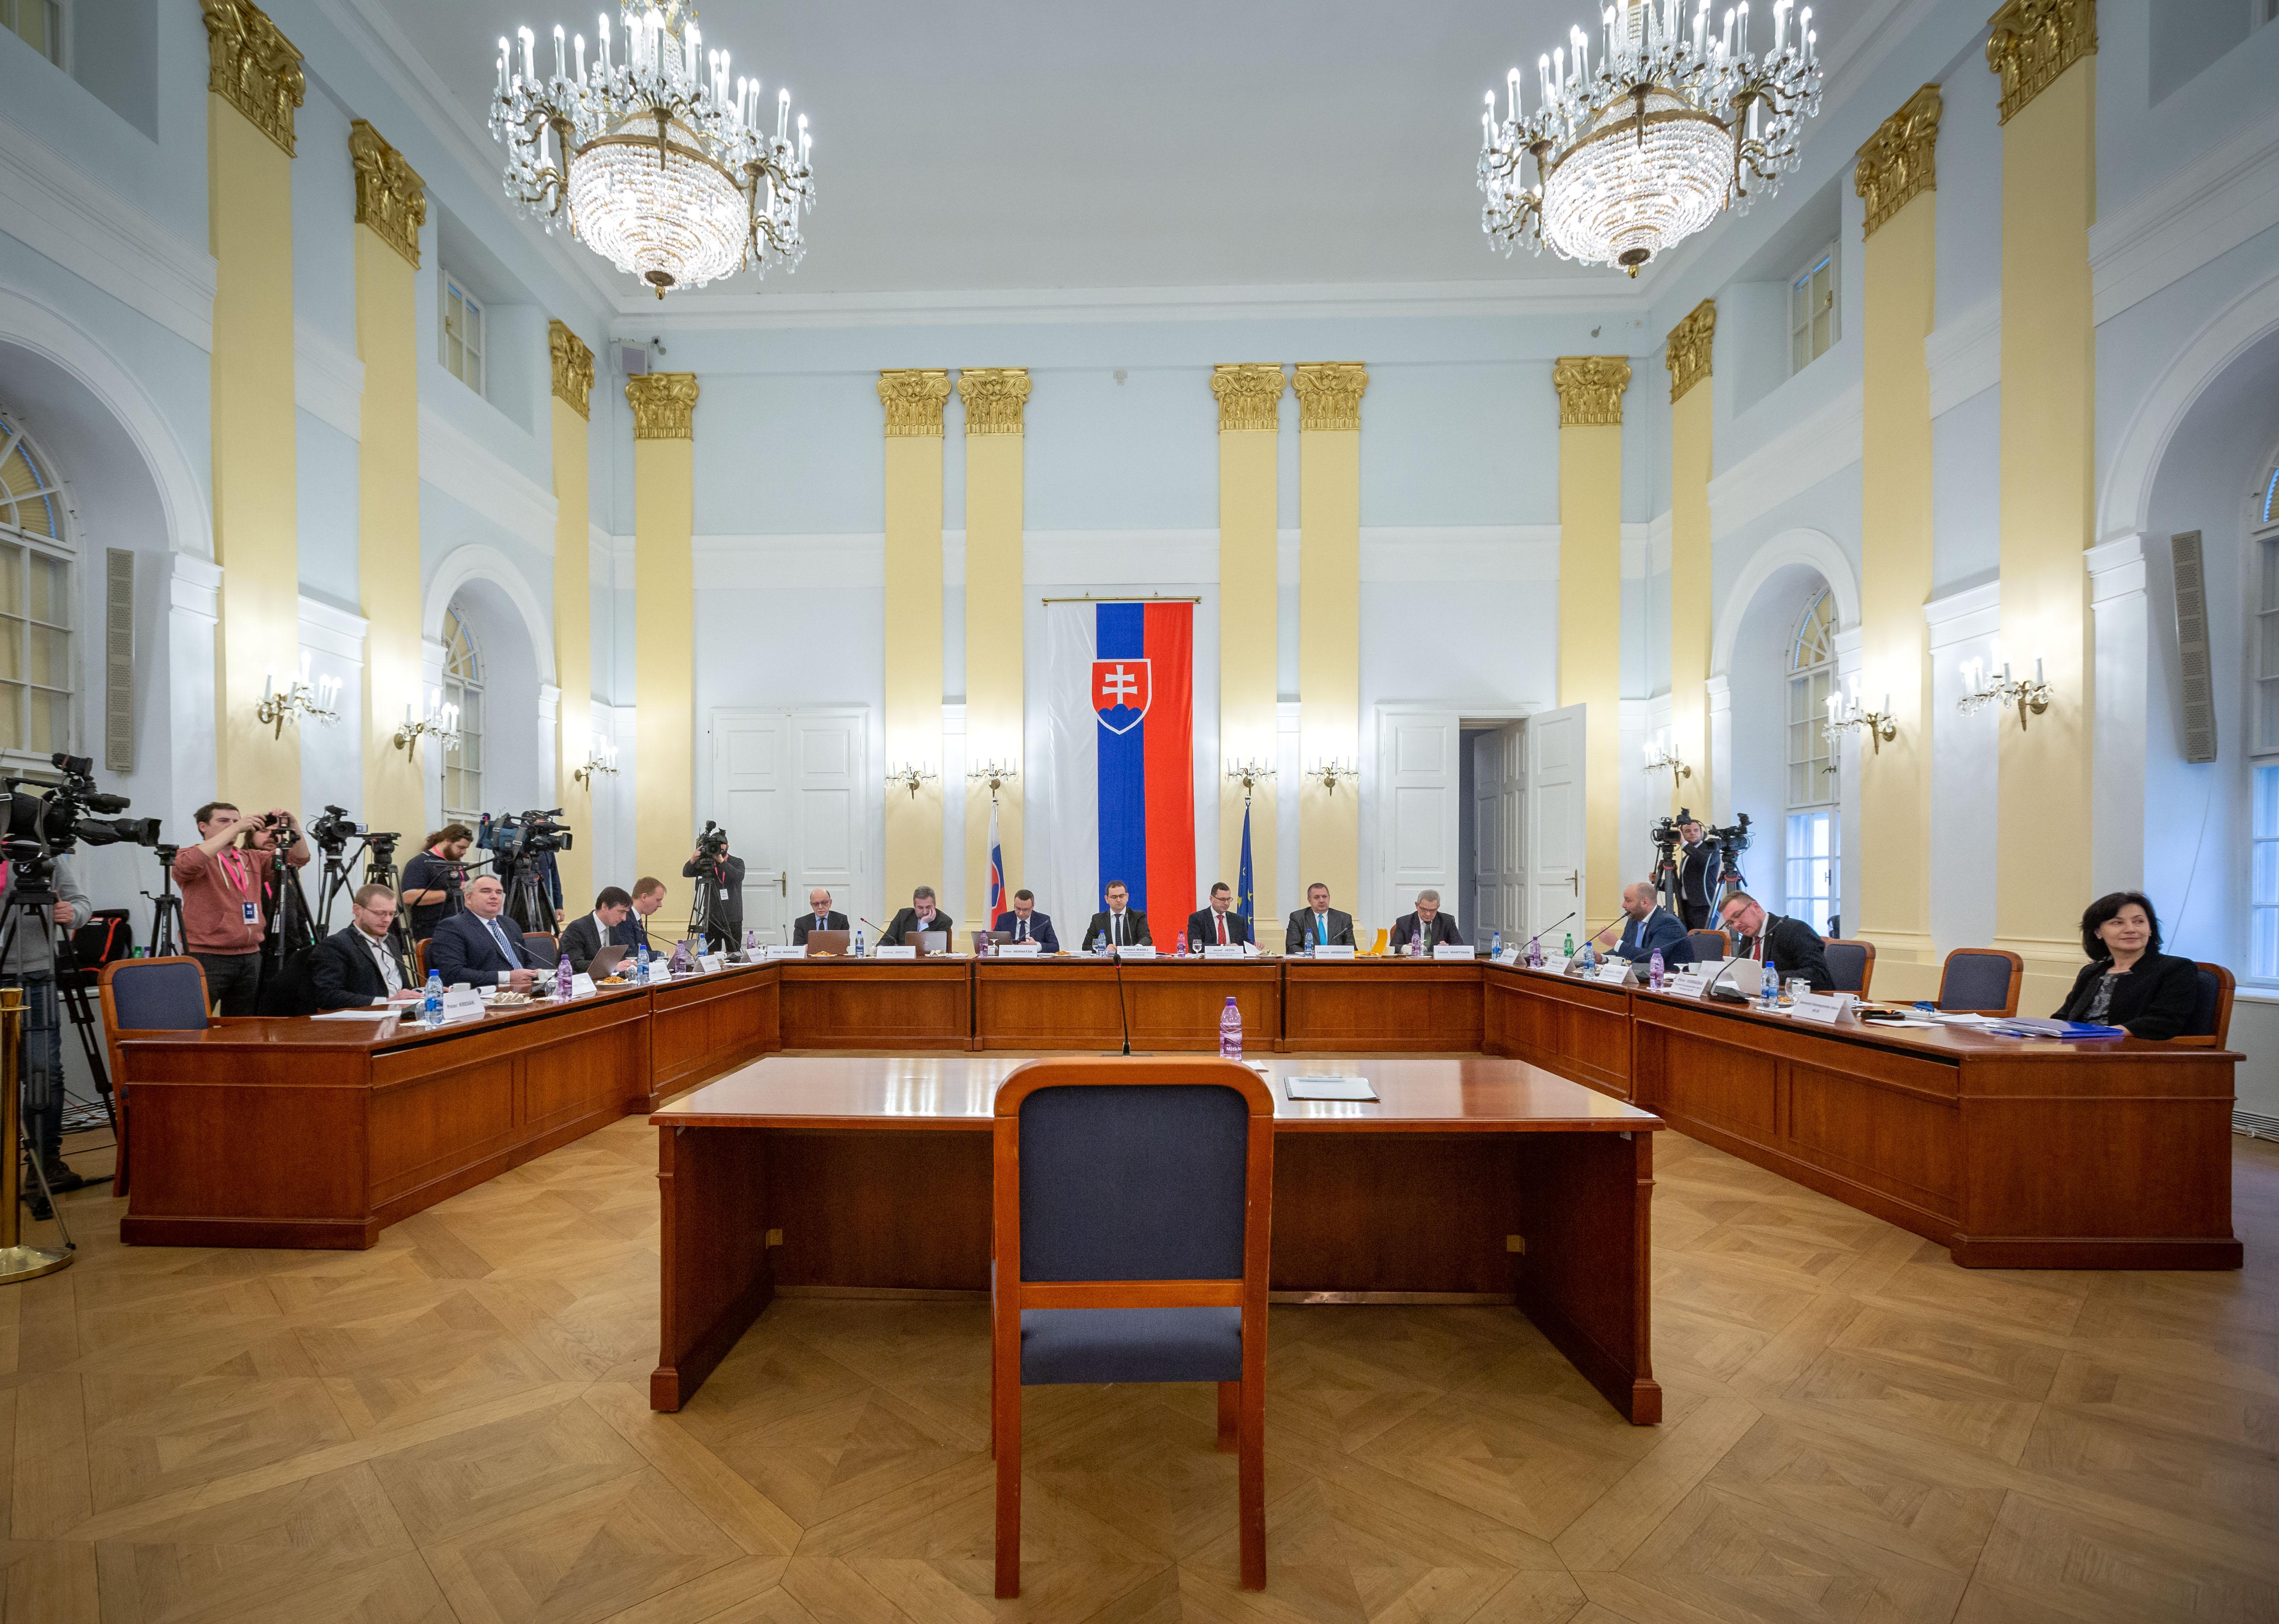 Poslancov čaká štvrtá voľba, štvrté vypočúvanie kandidátov. Foto N - Tomáš Benedikovič